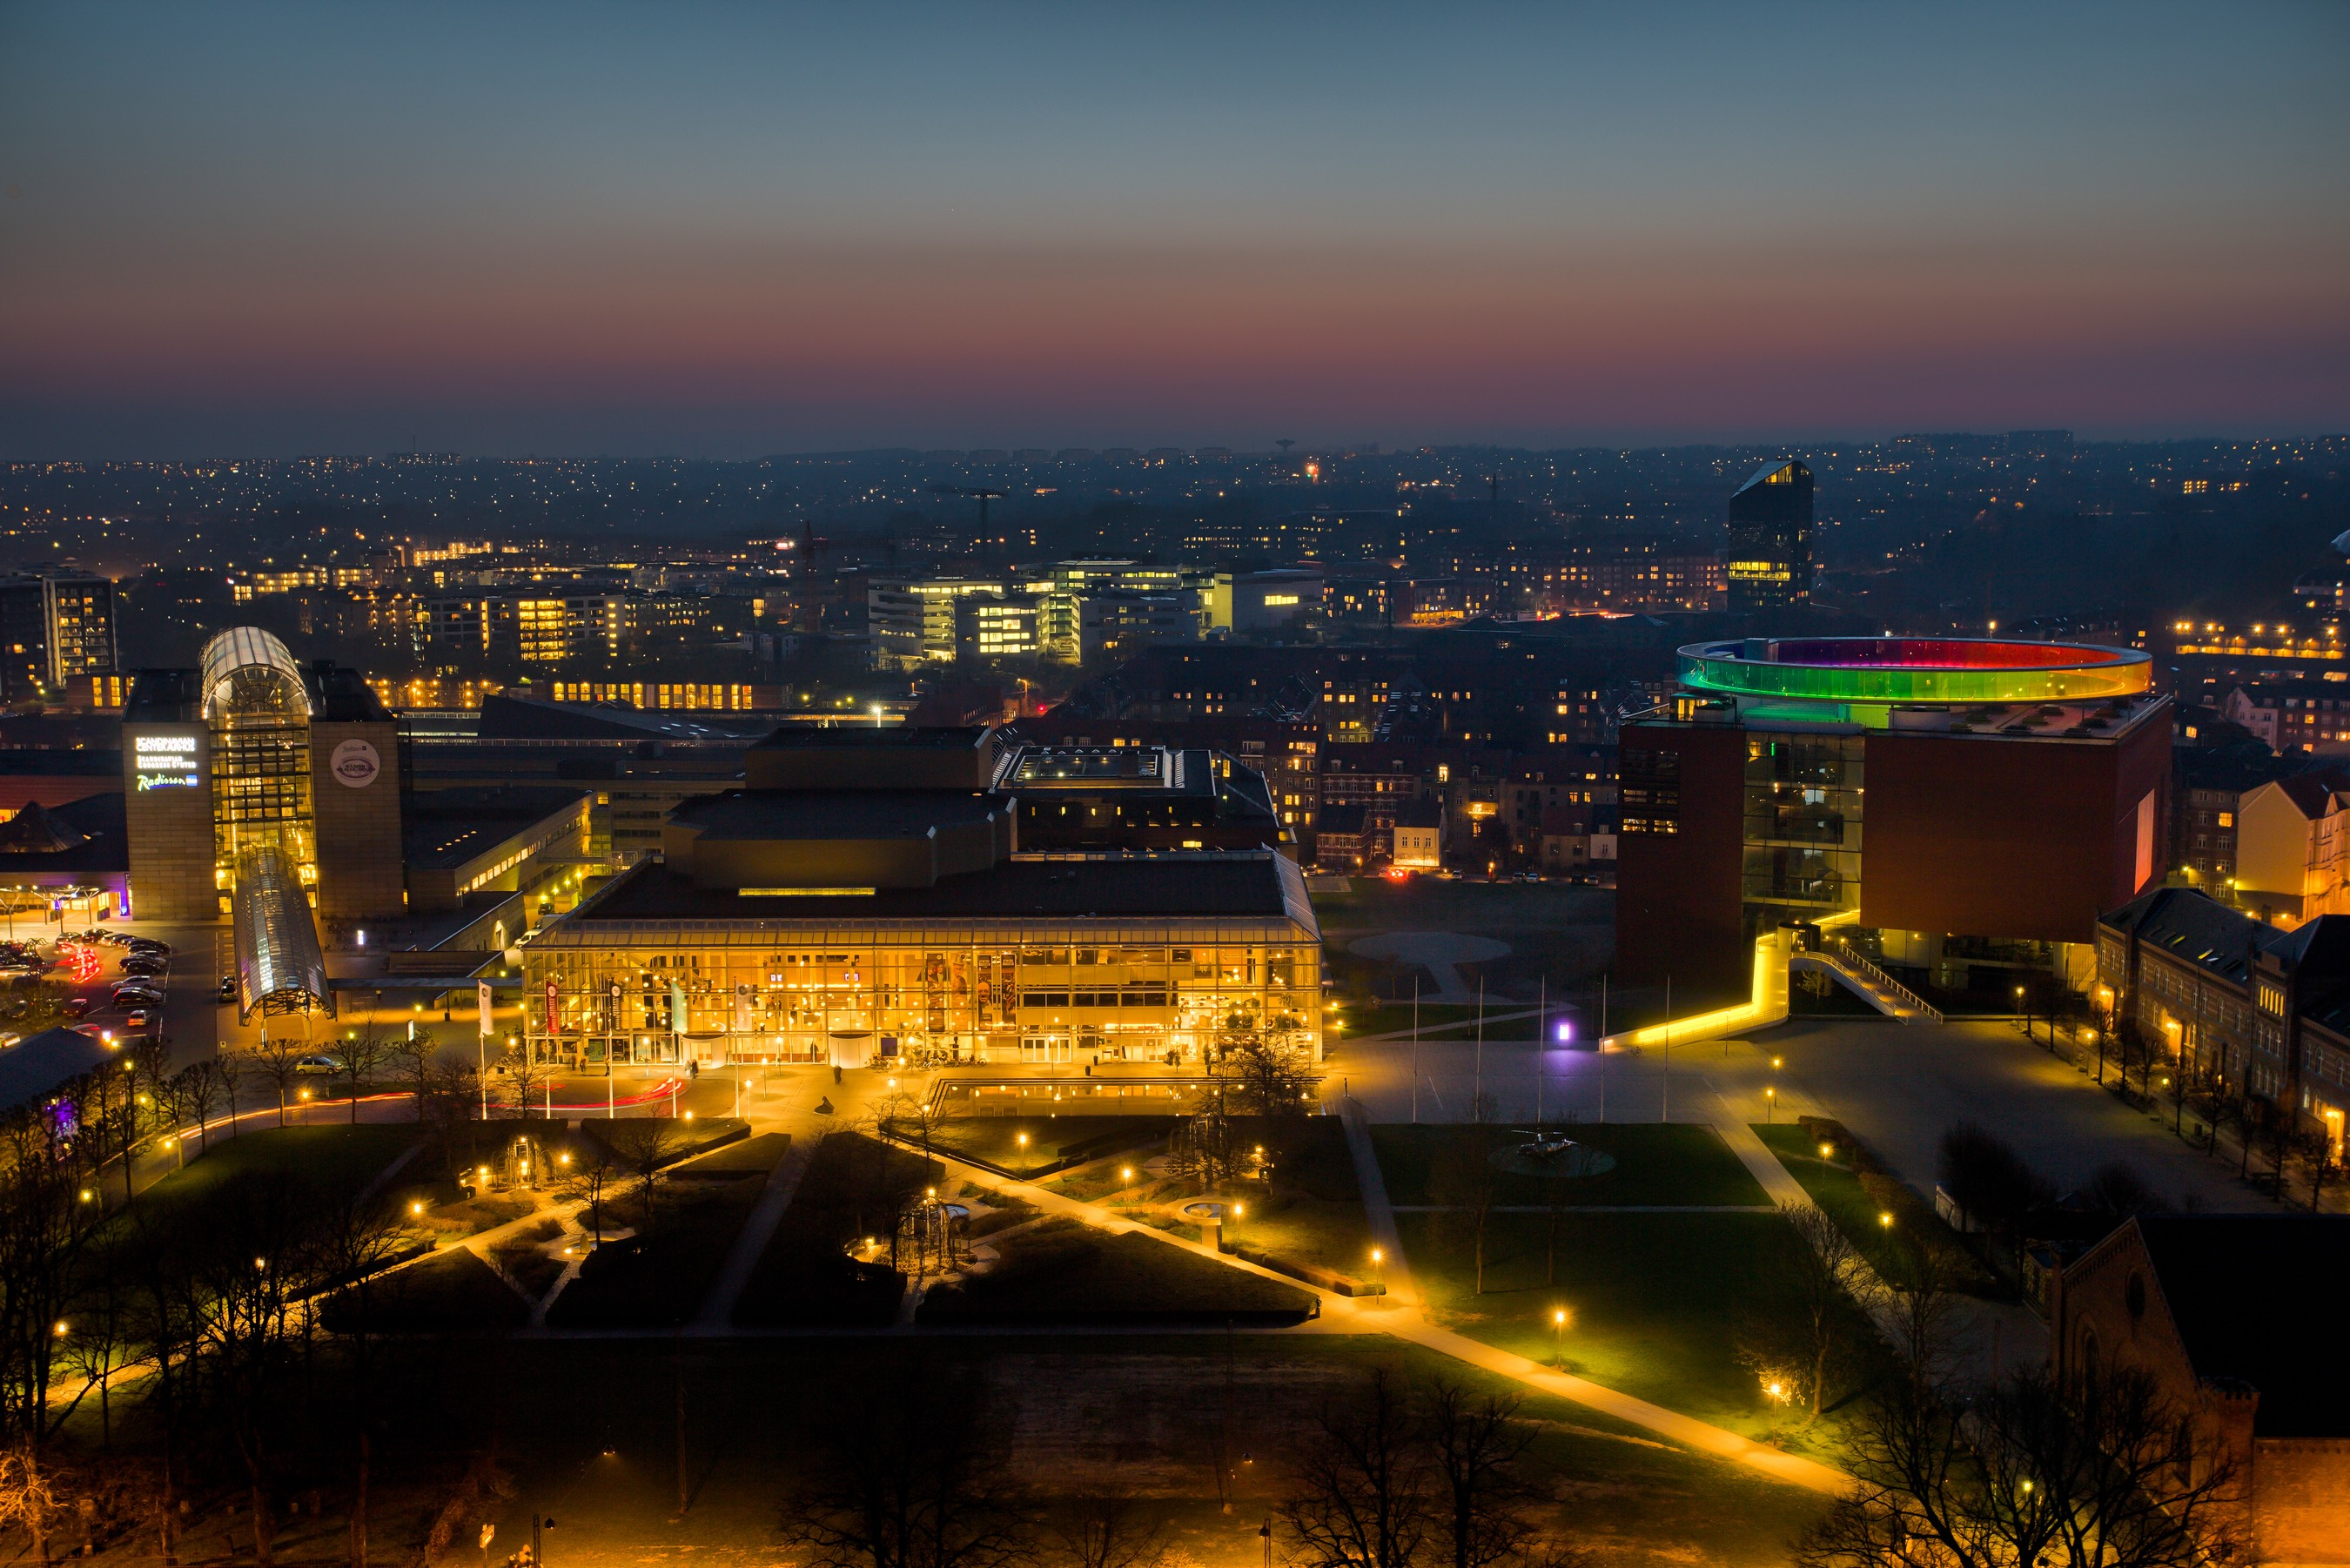 Aarhus har taget et kvantespring på verdensranglisten over de bedste kongresbyer.  Foto: Aarhus har taget et kvantespring på verdensranglisten over de bedste kongresbyer. VisitAarhus.